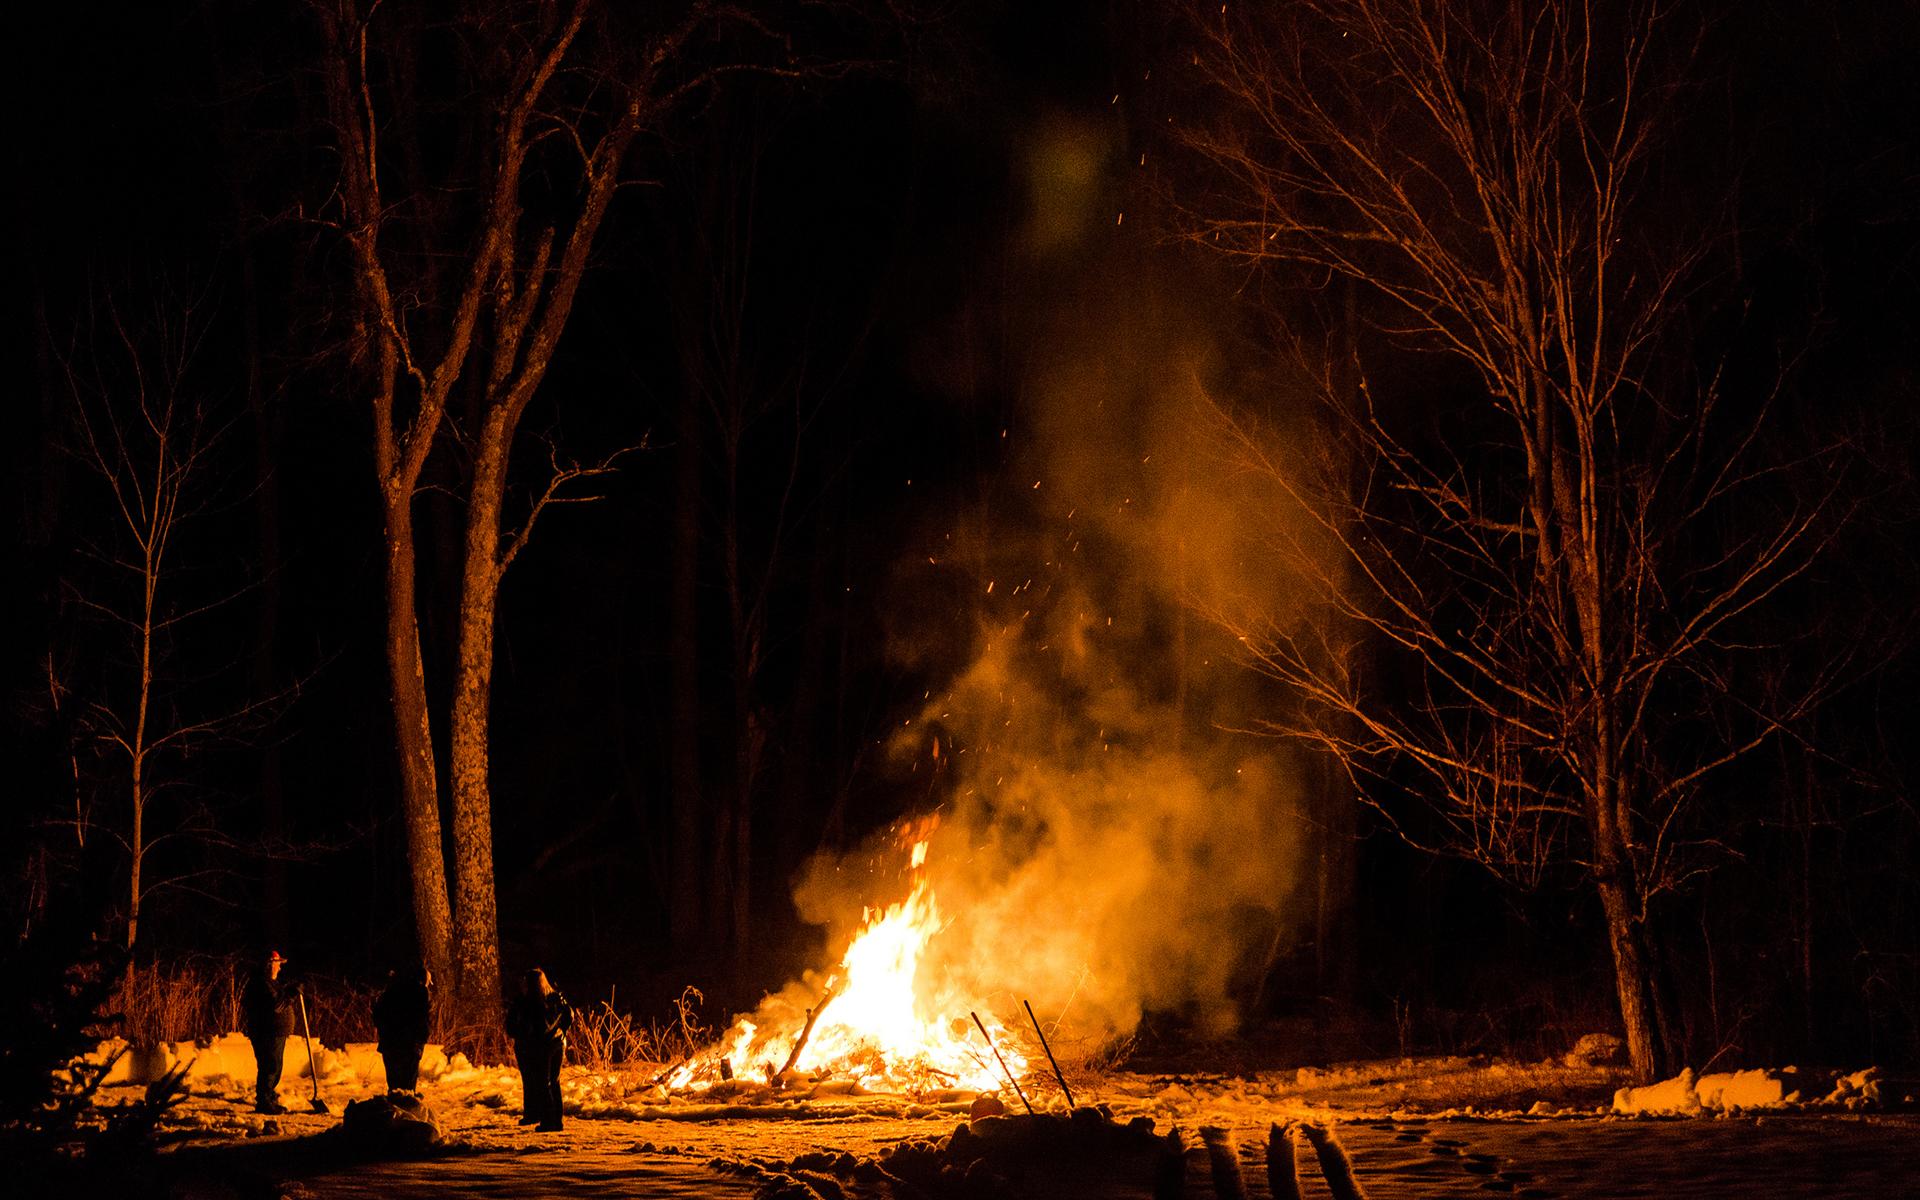 Campfire Wallpaper WallpaperSafari